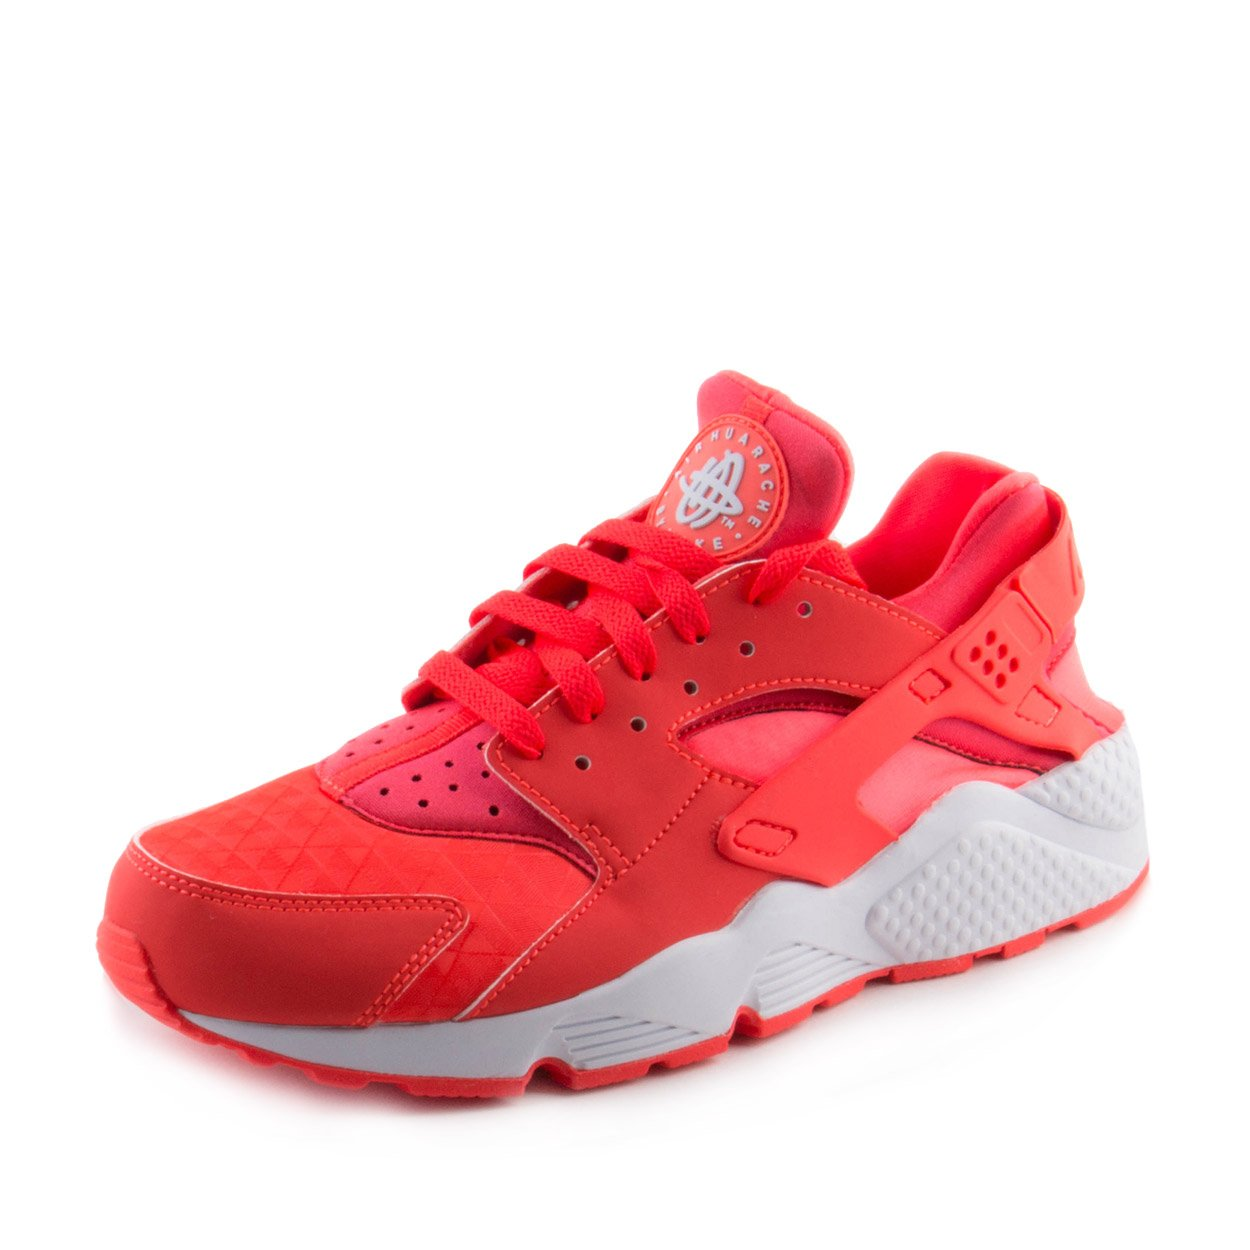 cafe44521abf Galleon - NIKE Air Huarache Run Womens Shoes Bright Crimson Bright Crimson  634835-608 (9.5 B(M) US)